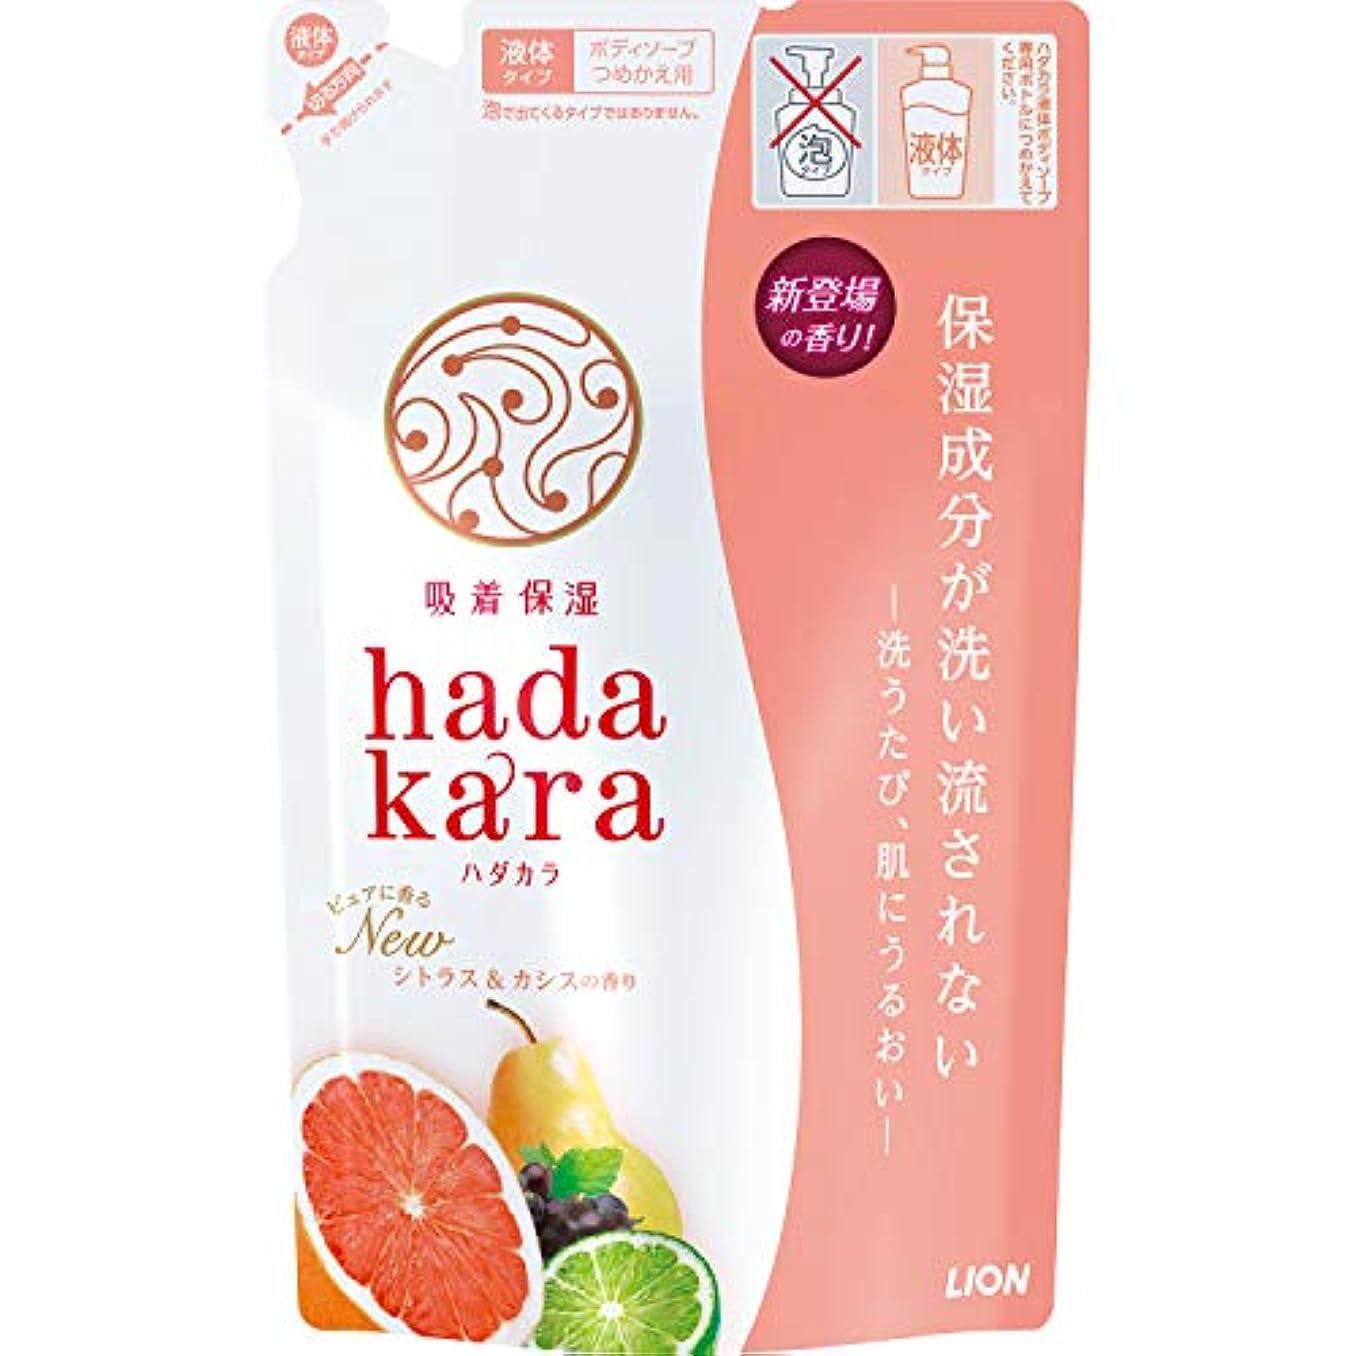 慈悲深い才能ファイバhadakara(ハダカラ) ボディソープ シトラス&カシスの香り つめかえ 360ml 詰替え用